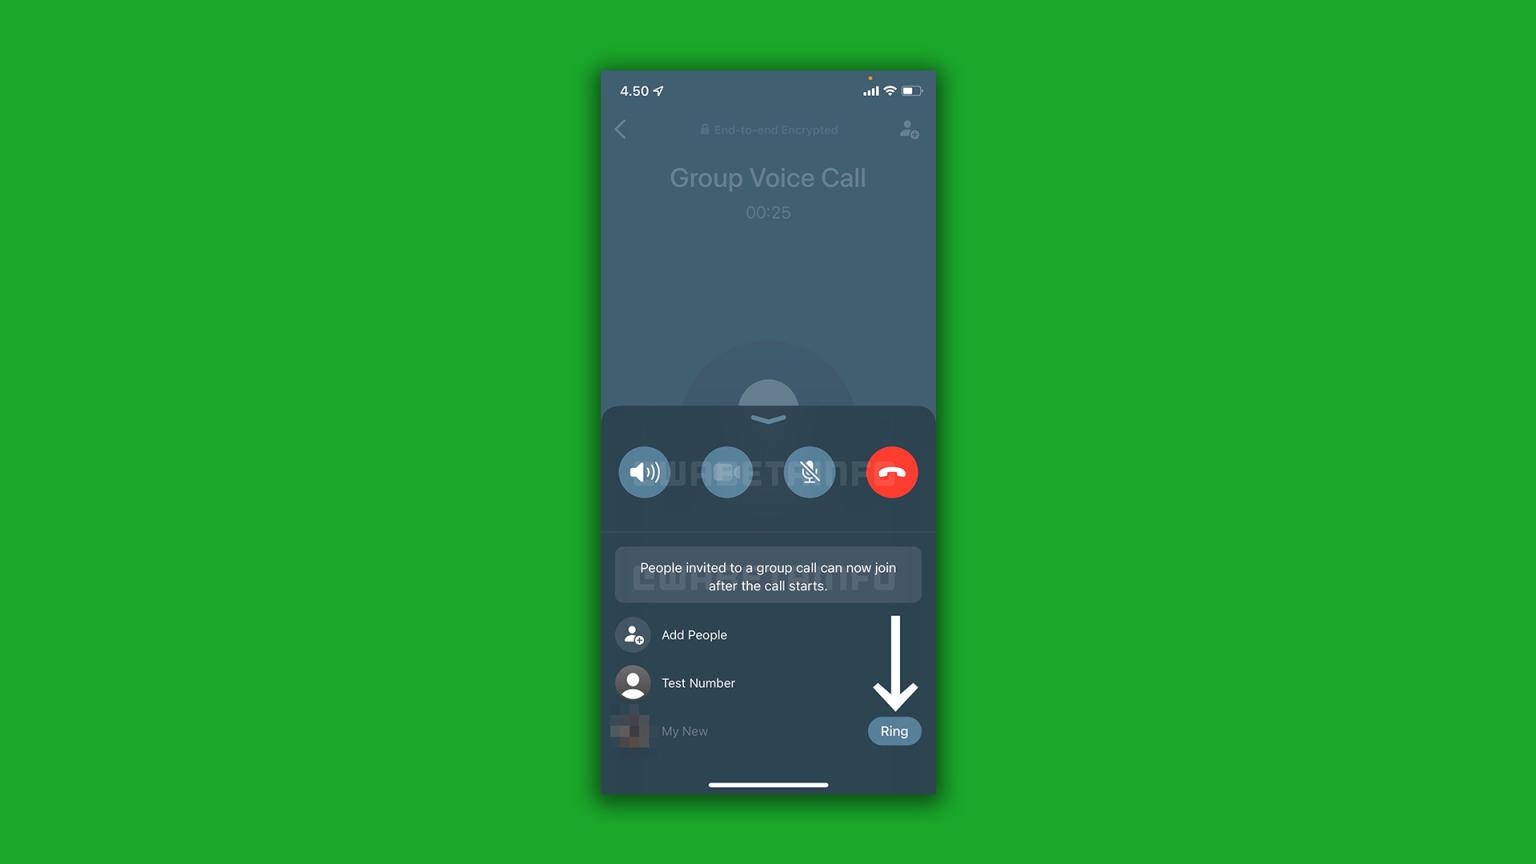 واتساب يعلن إضافة ميزة جديدة خاصة بالمكالمات الفردية والجماعية لنظام iOS وAndroid 3